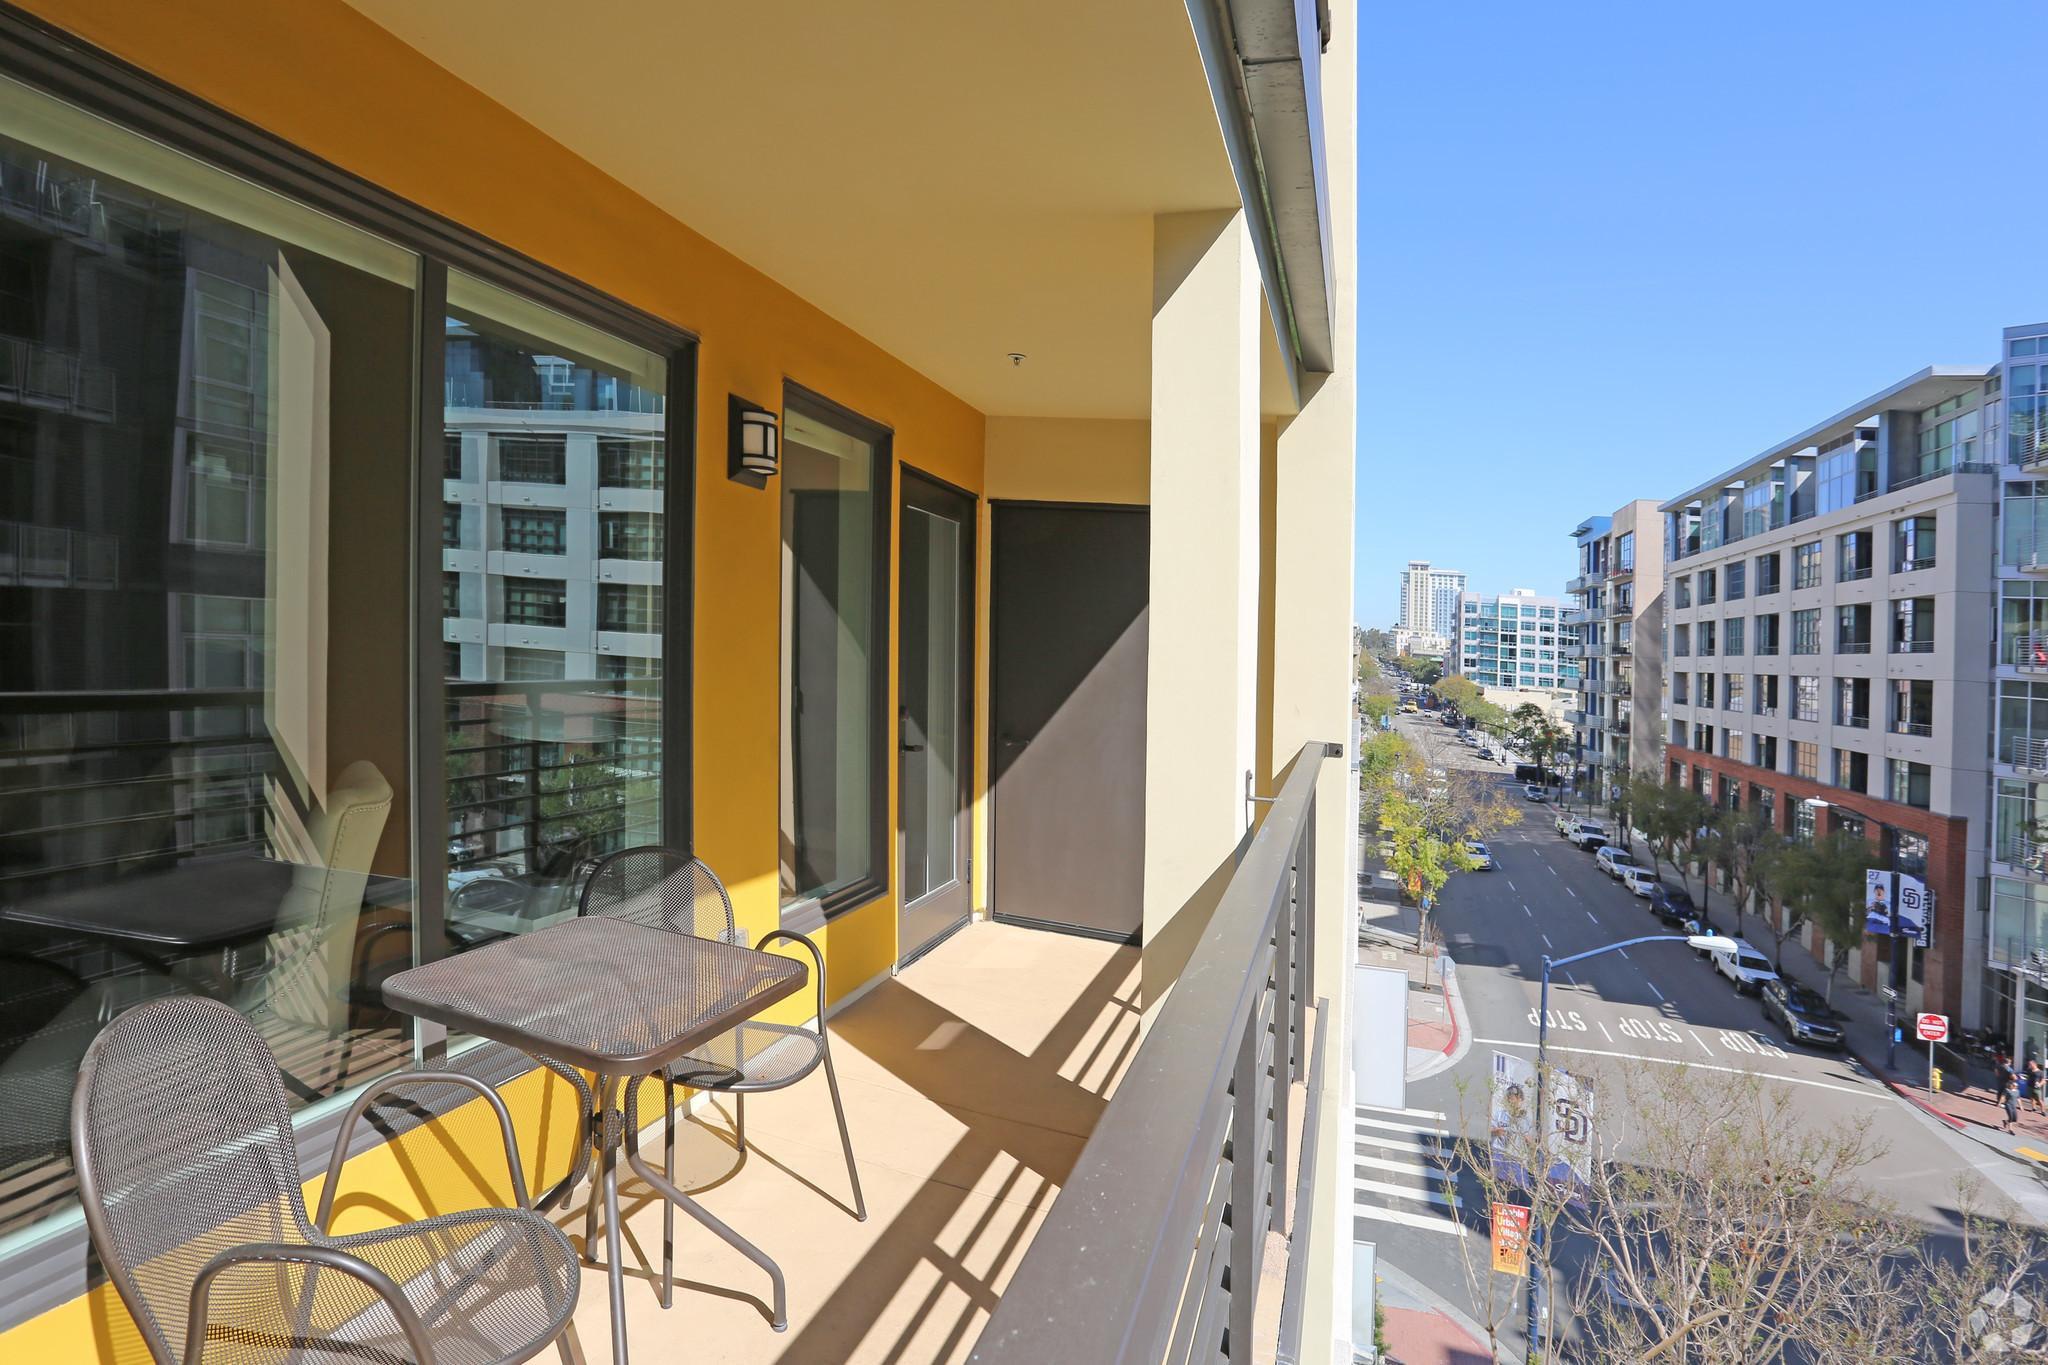 The Urbana Apartments photo